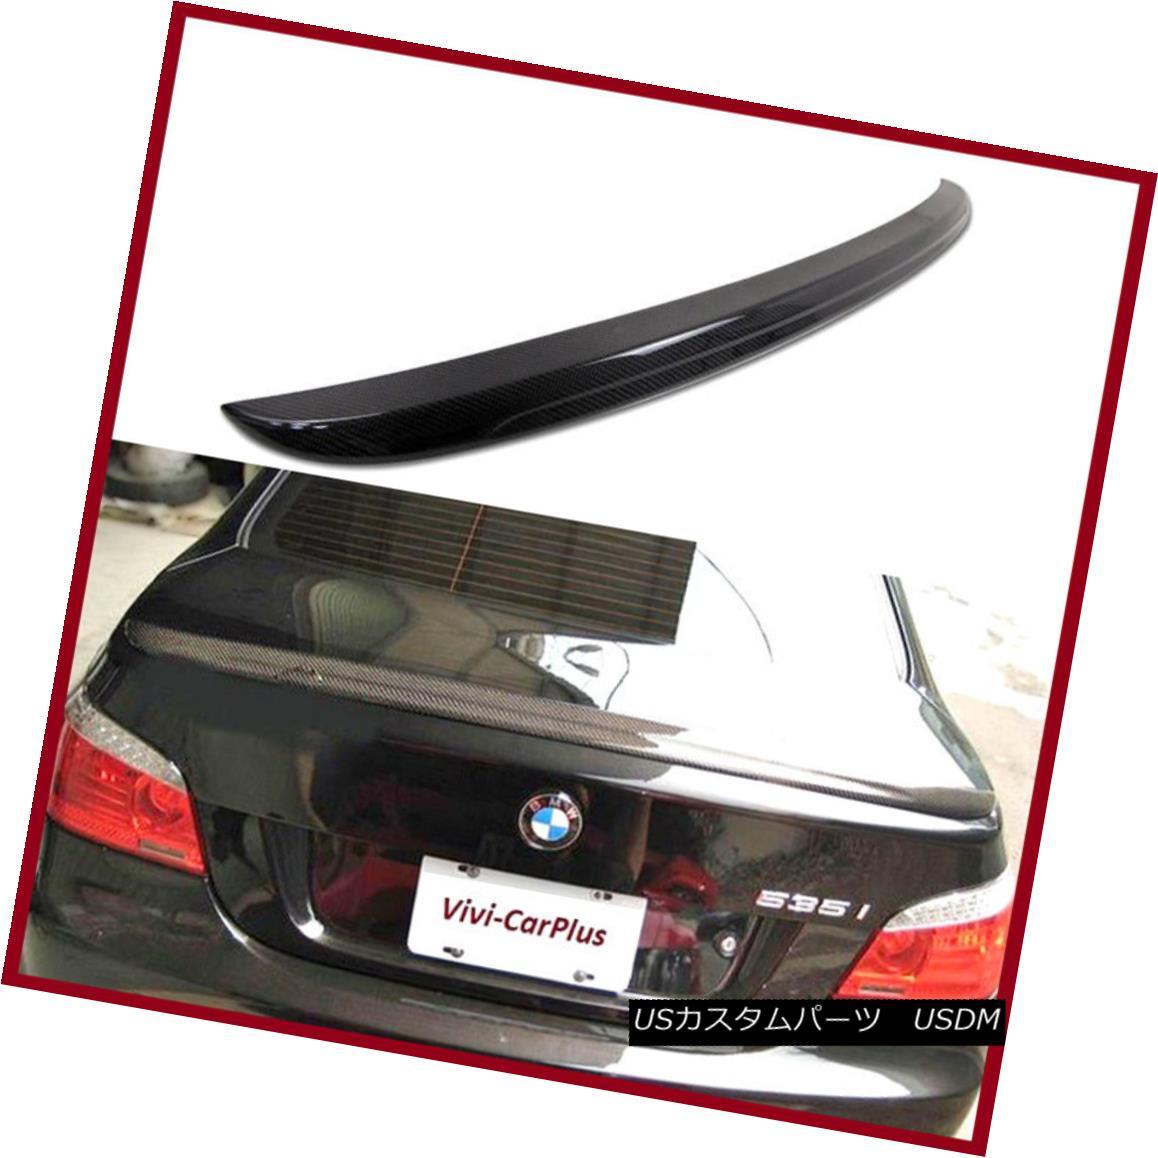 エアロパーツ M5 Type Carbon Fiber Trunk Boot Spoiler Fit 04-10 BMW E60 535i 540i 550i 4Dr M5タイプカーボンファイバートランクブーツスポイラーフィット04-10 BMW E60 535i 540i 550i 4Dr